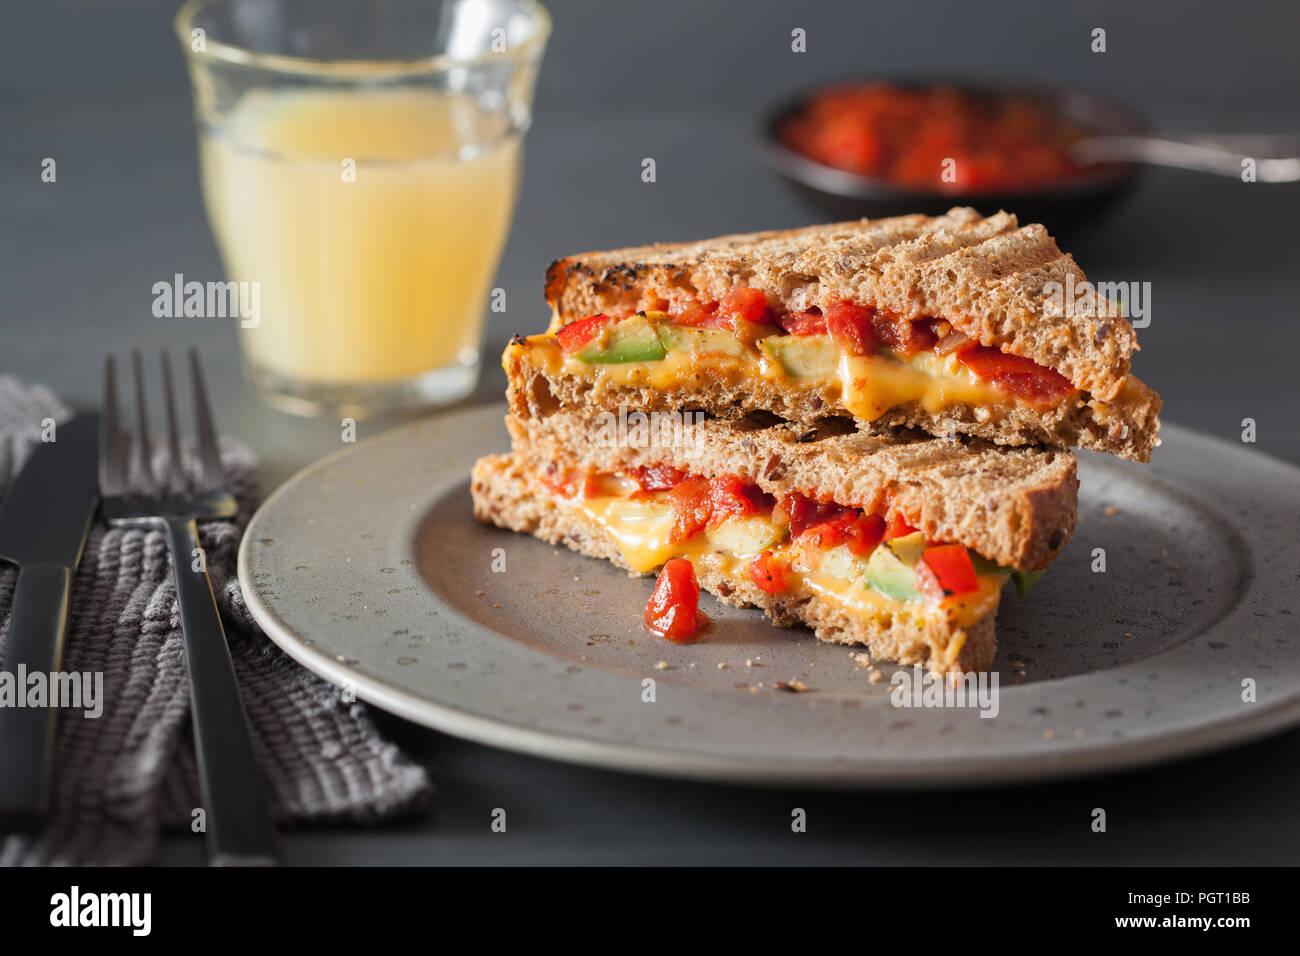 Formaggio alla griglia in sandwich con avocado e pomodoro Foto Stock